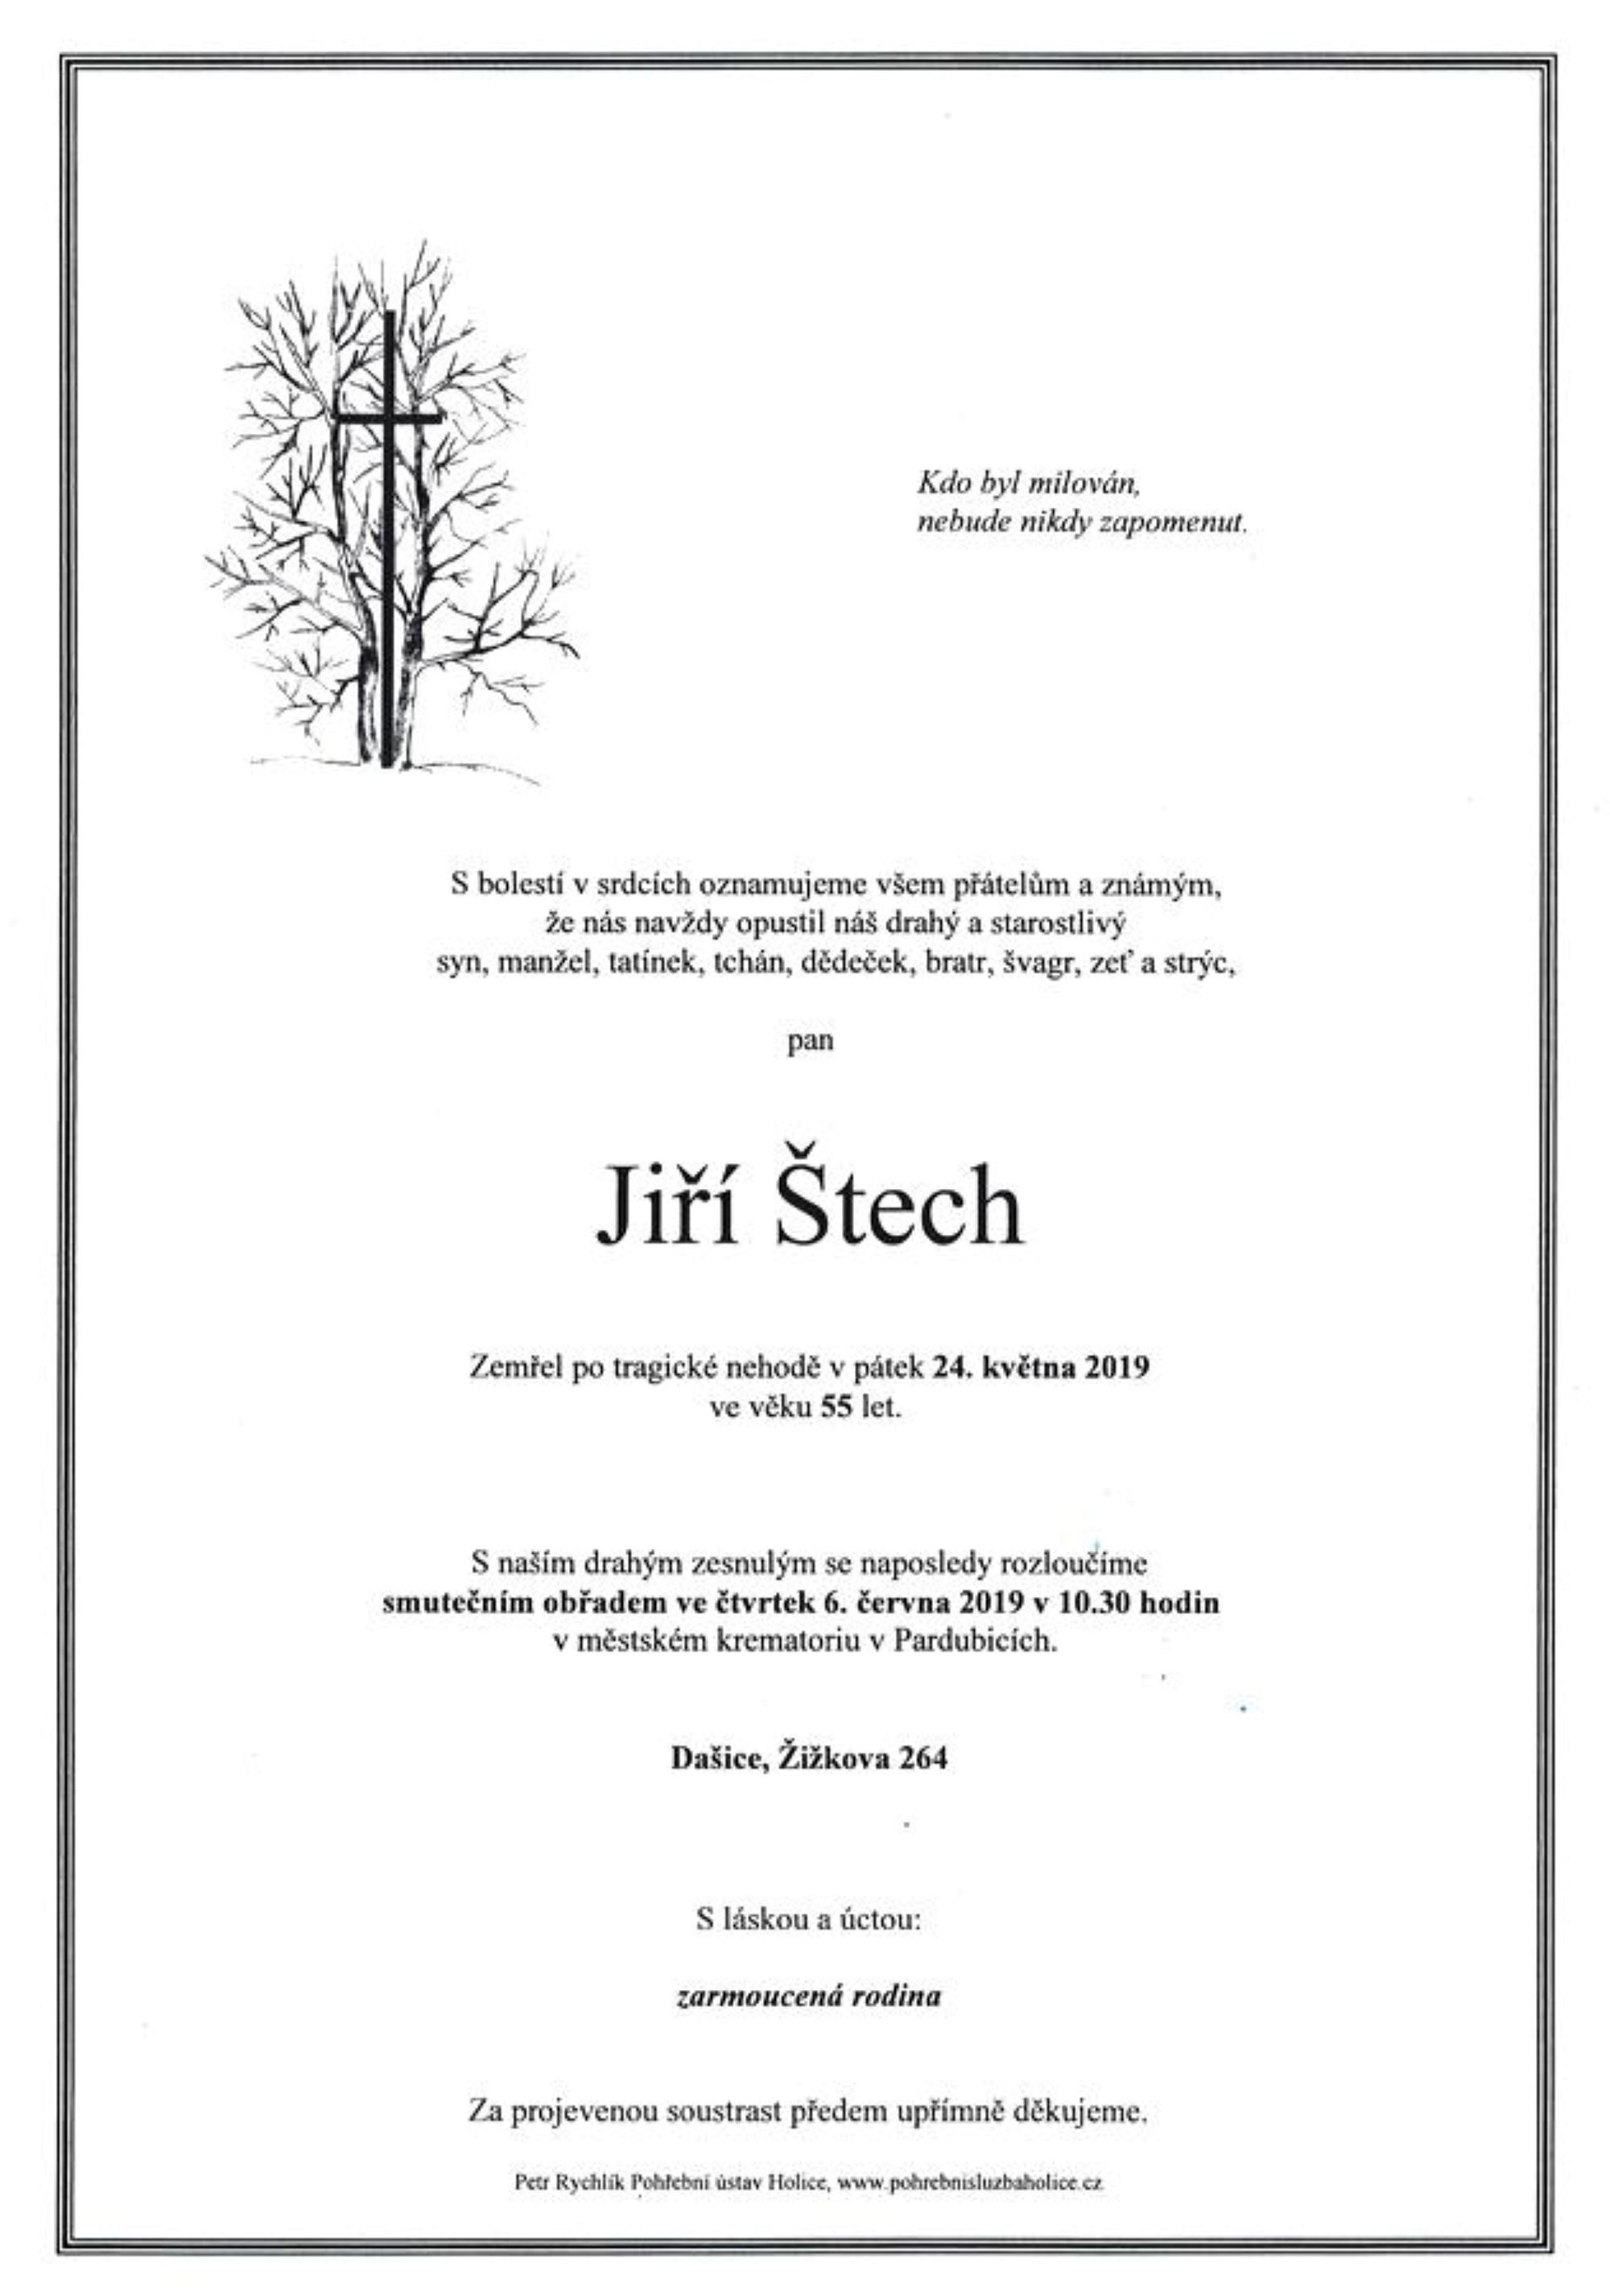 Jiří Štech